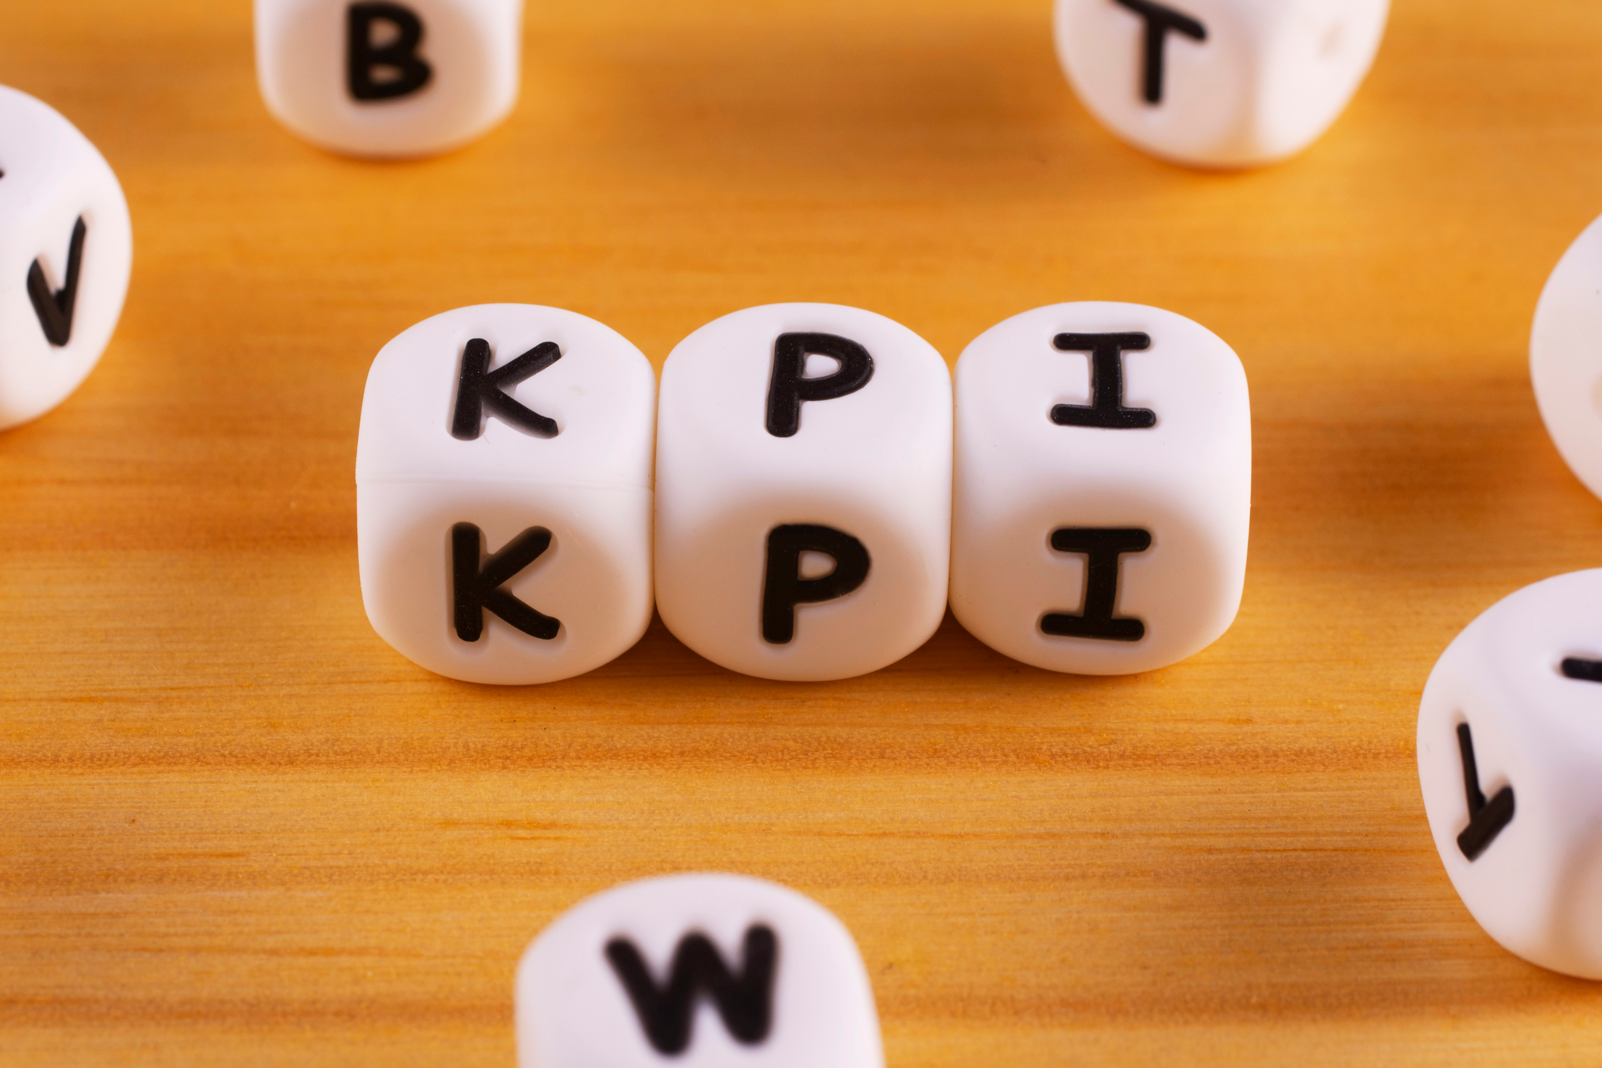 Métricas clave para conocer y entender al cliente